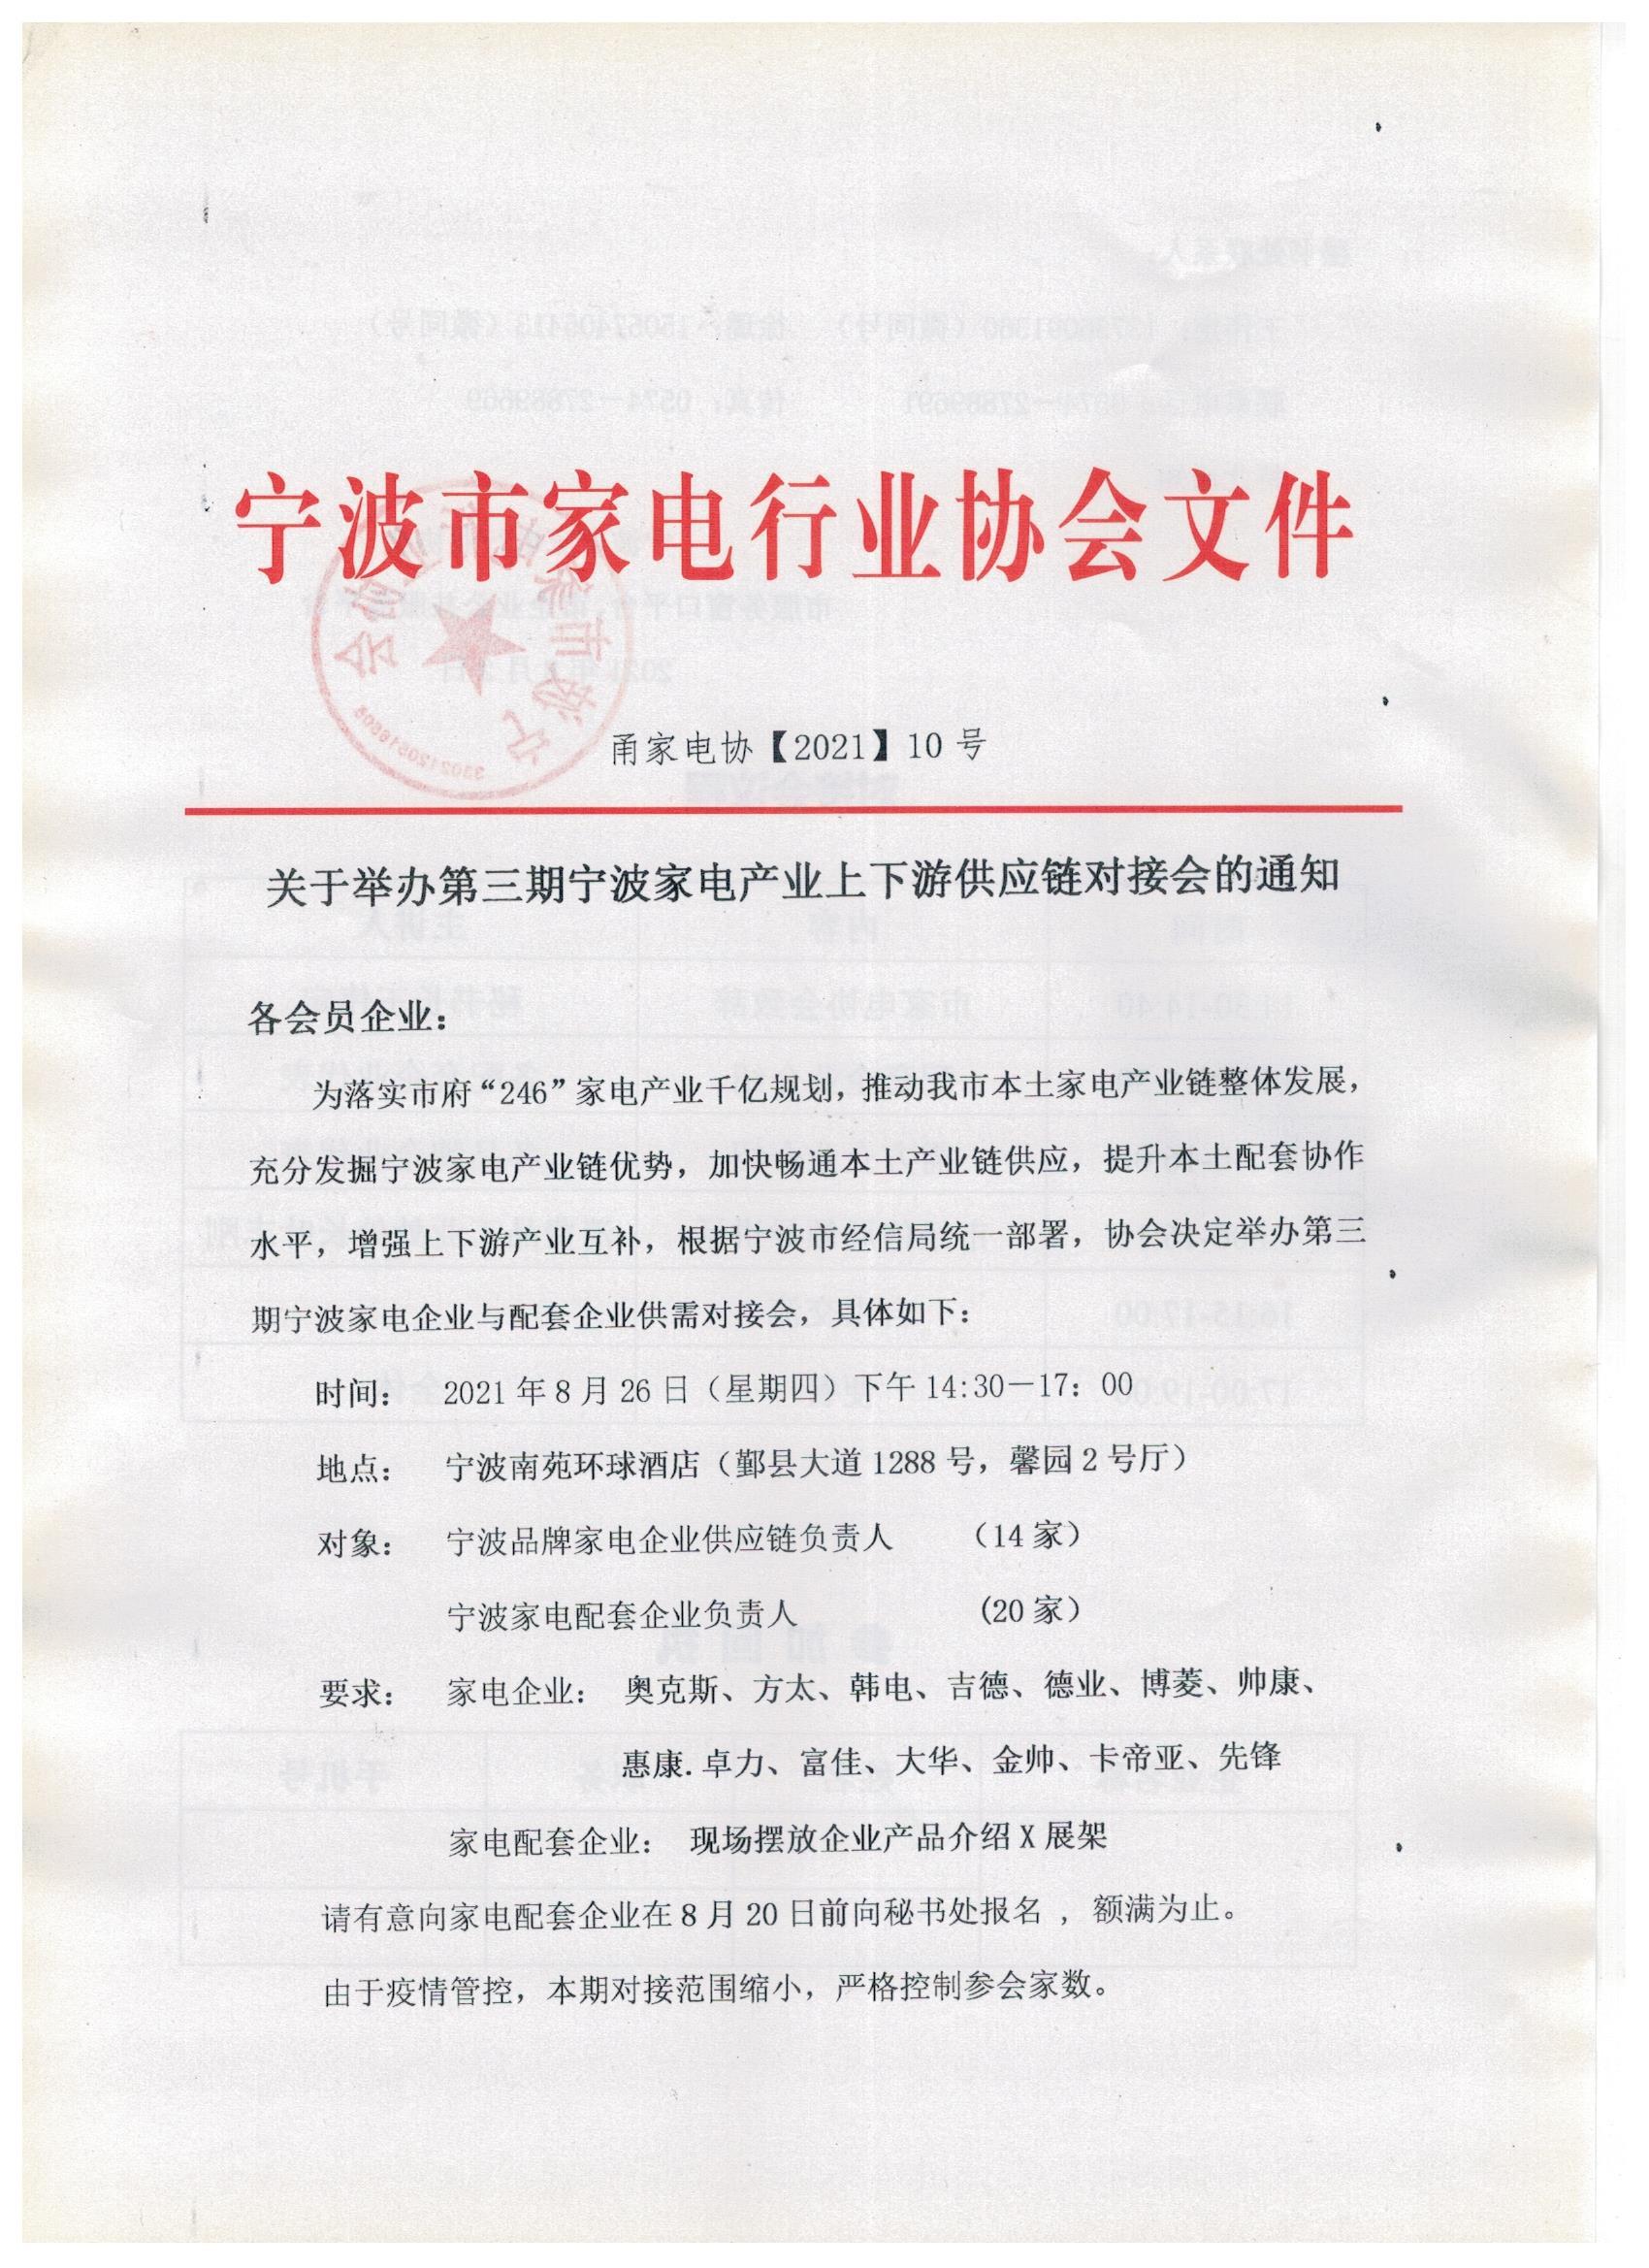 关于举办第三期宁波家电产业上下游供应链对接会的通知